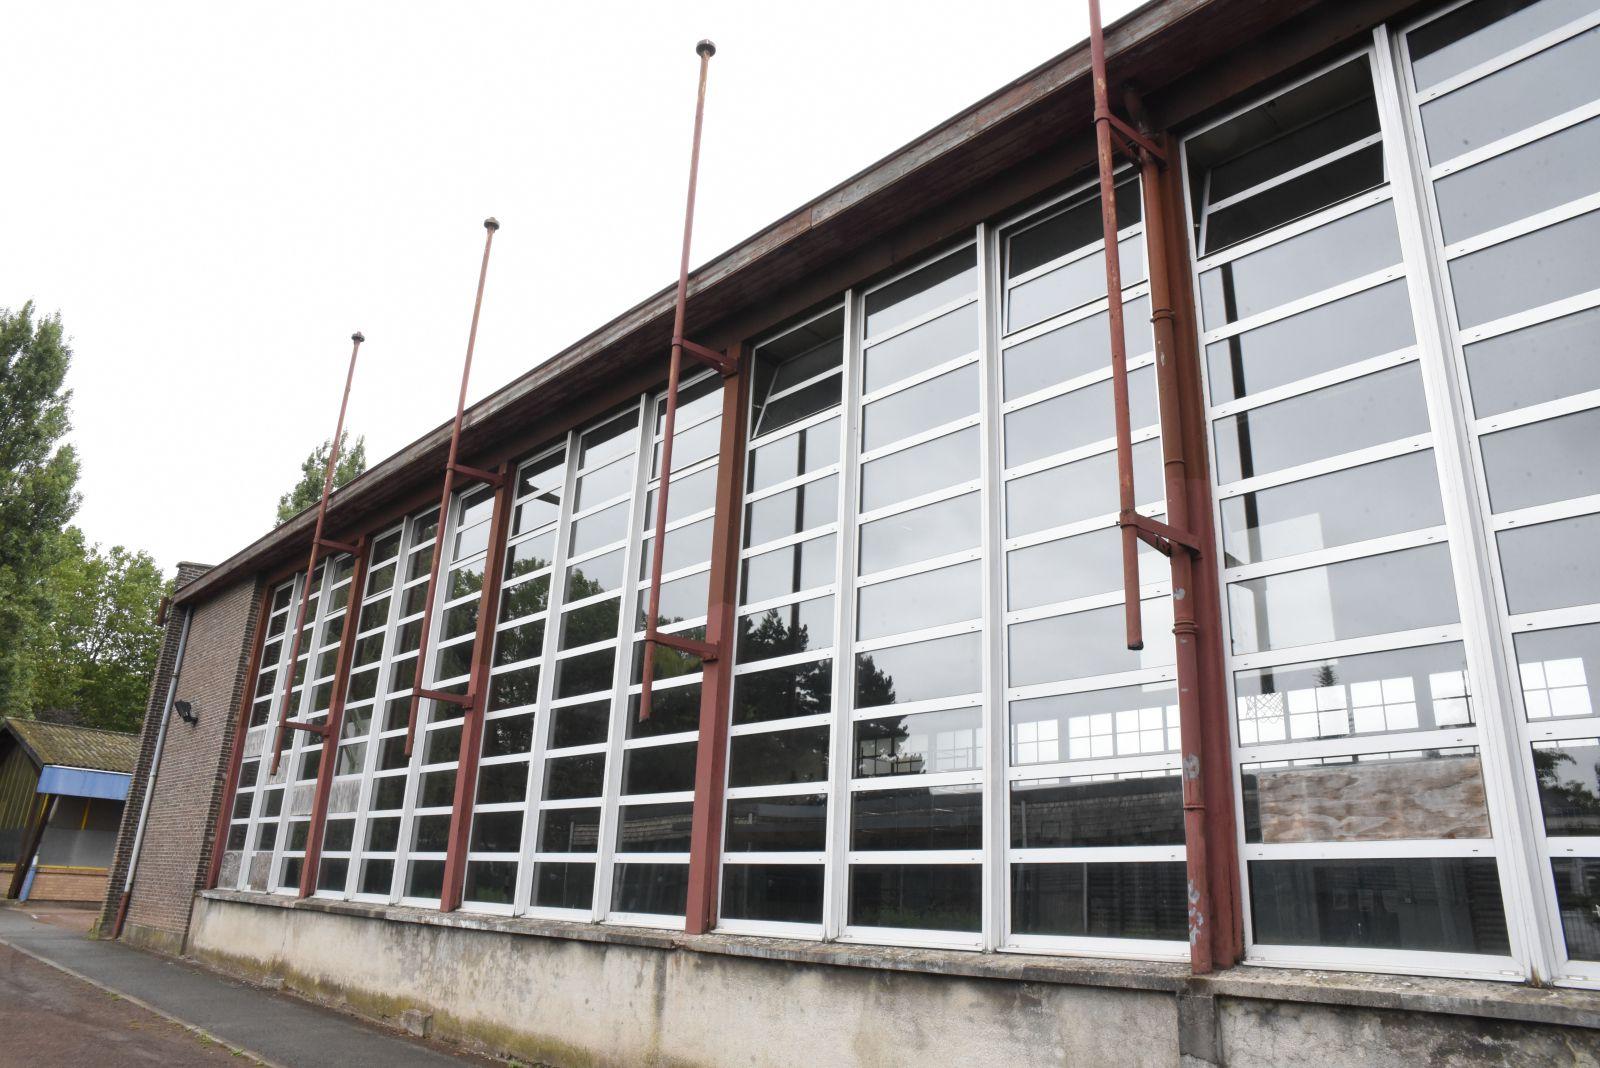 Salle de sports Jean-Zay : des travaux nécessaires